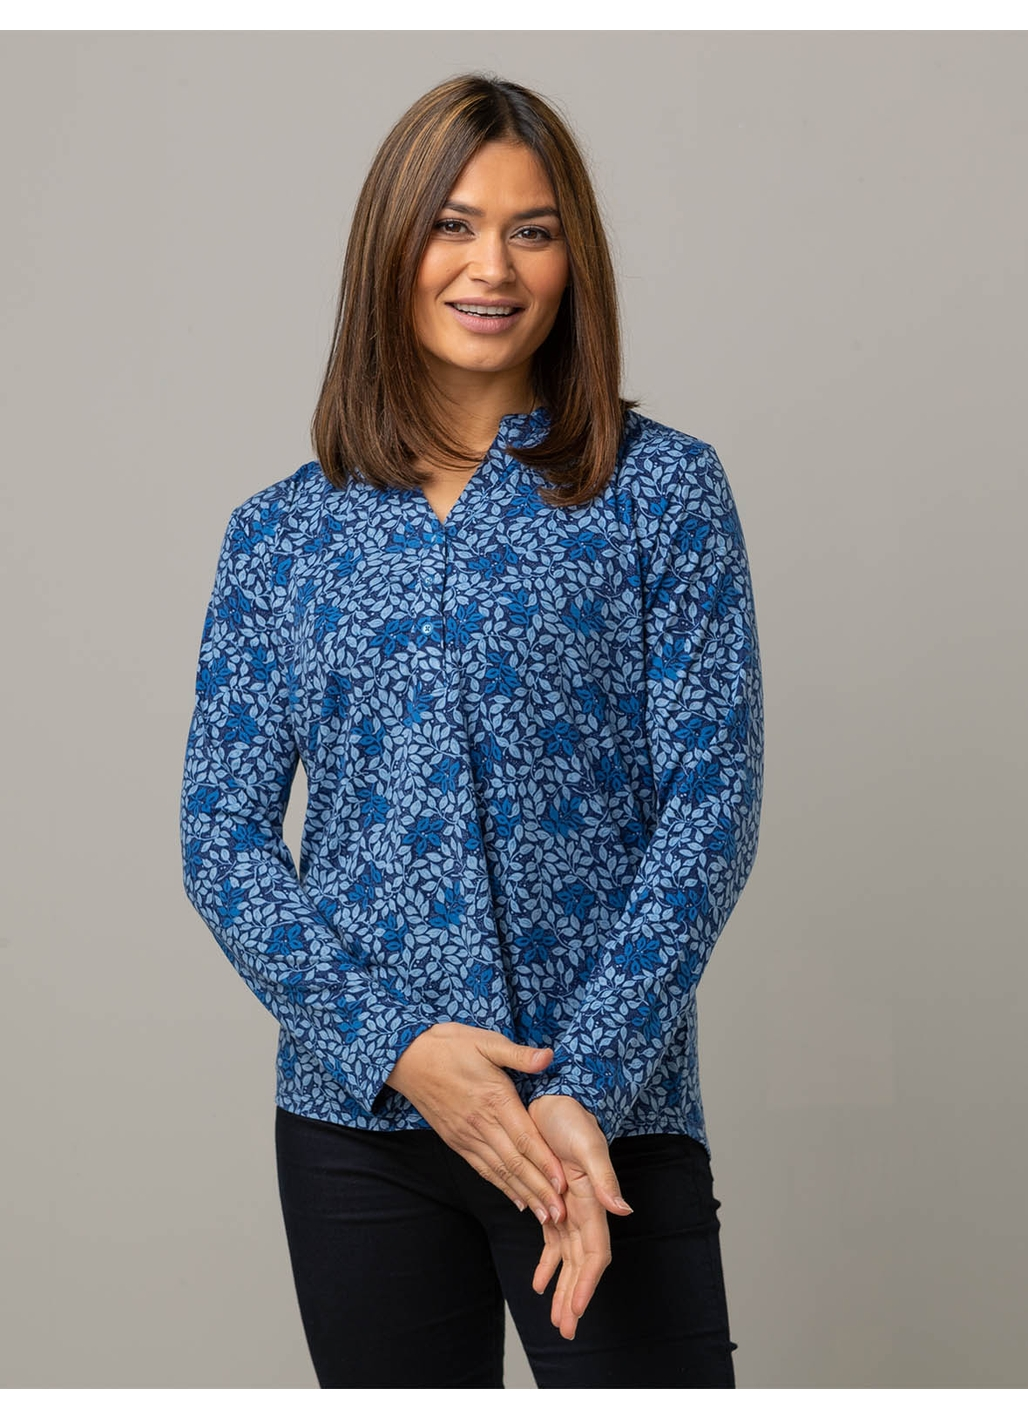 Celia Long Sleeve Jersey Top in Leaf Print